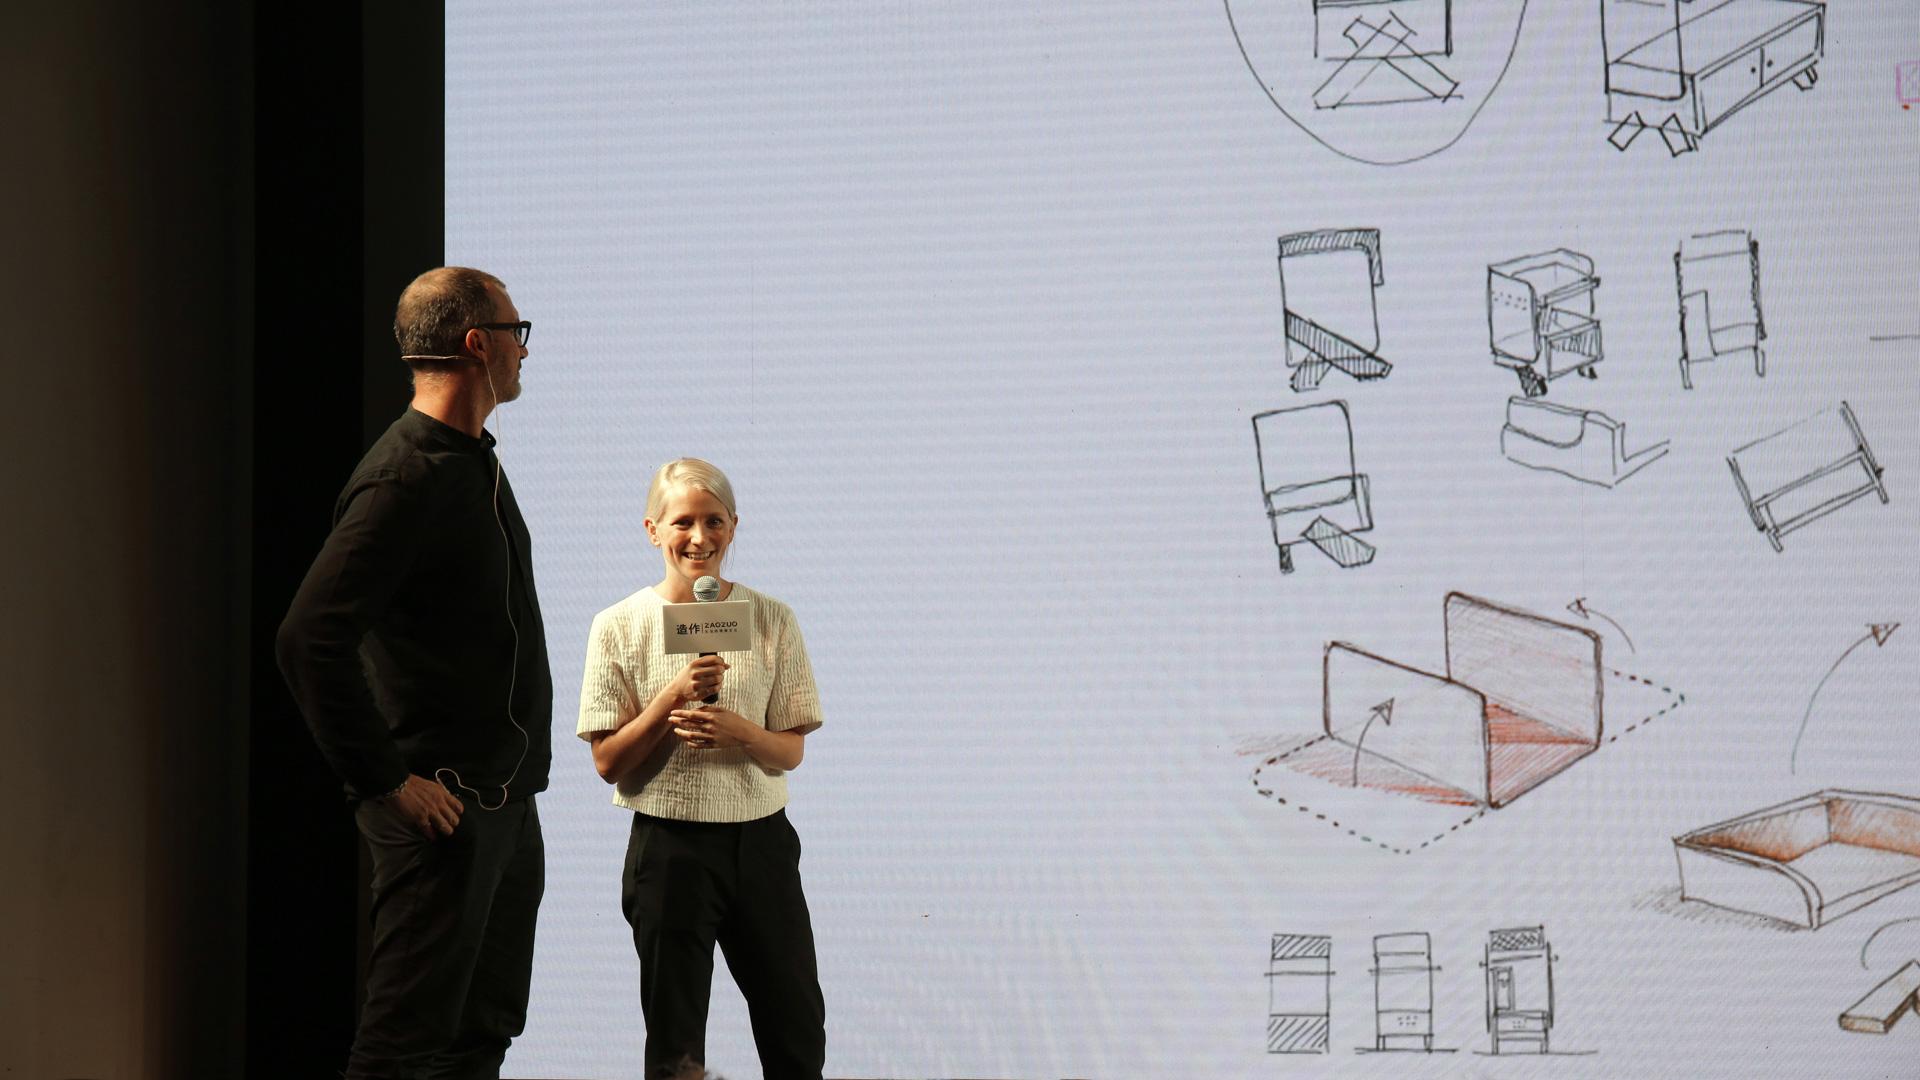 """Note Design Studio:""""我们想把这款设计做成一个所有人都能摆在家里的作品,它性格很强,所以我们把它做得更低调些,这样无论是客厅还是洗手间,都可能用到它,两侧做有透视网格,上层可以放些自己的收藏品。"""""""